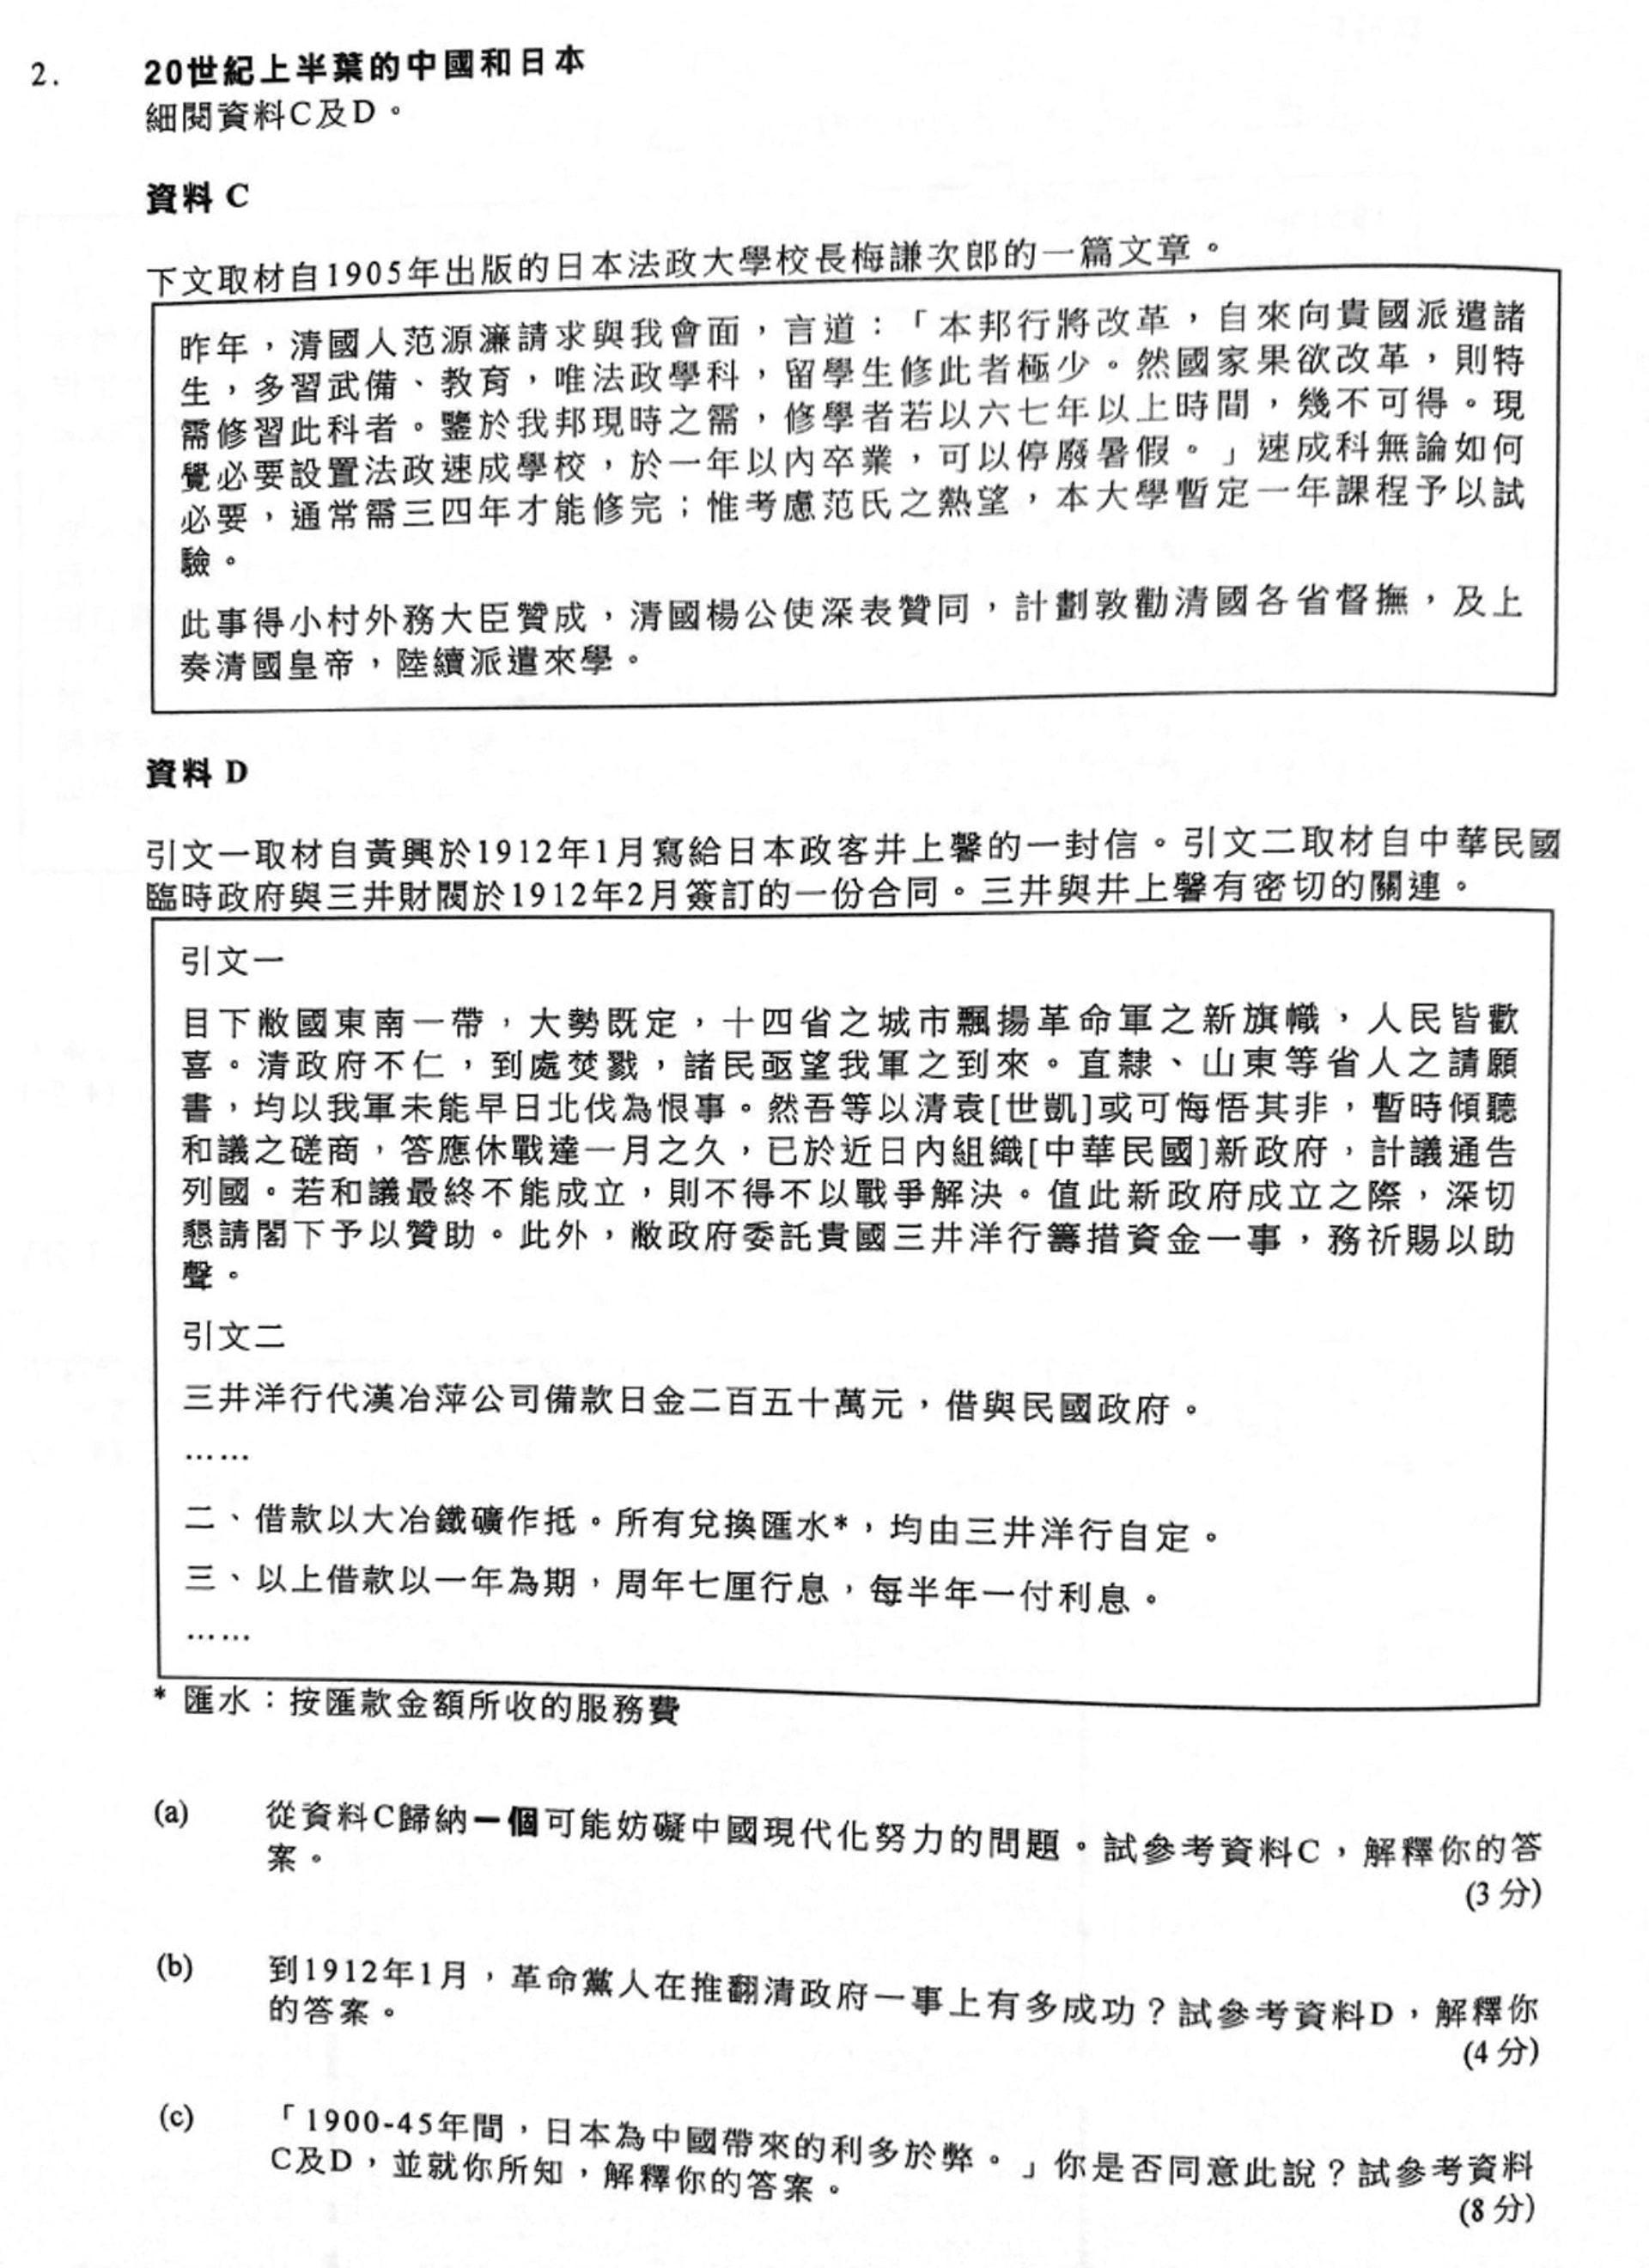 2020年中學文憑試歷史科(世史科)周四(14日)開考。今屆卷一第二題舉出「1900-45年間,日本為中國帶來的利多於弊」的說法,詢問考生是否同意此說法,並須解釋答案。試題引來建制派議員及教育評議會批評。